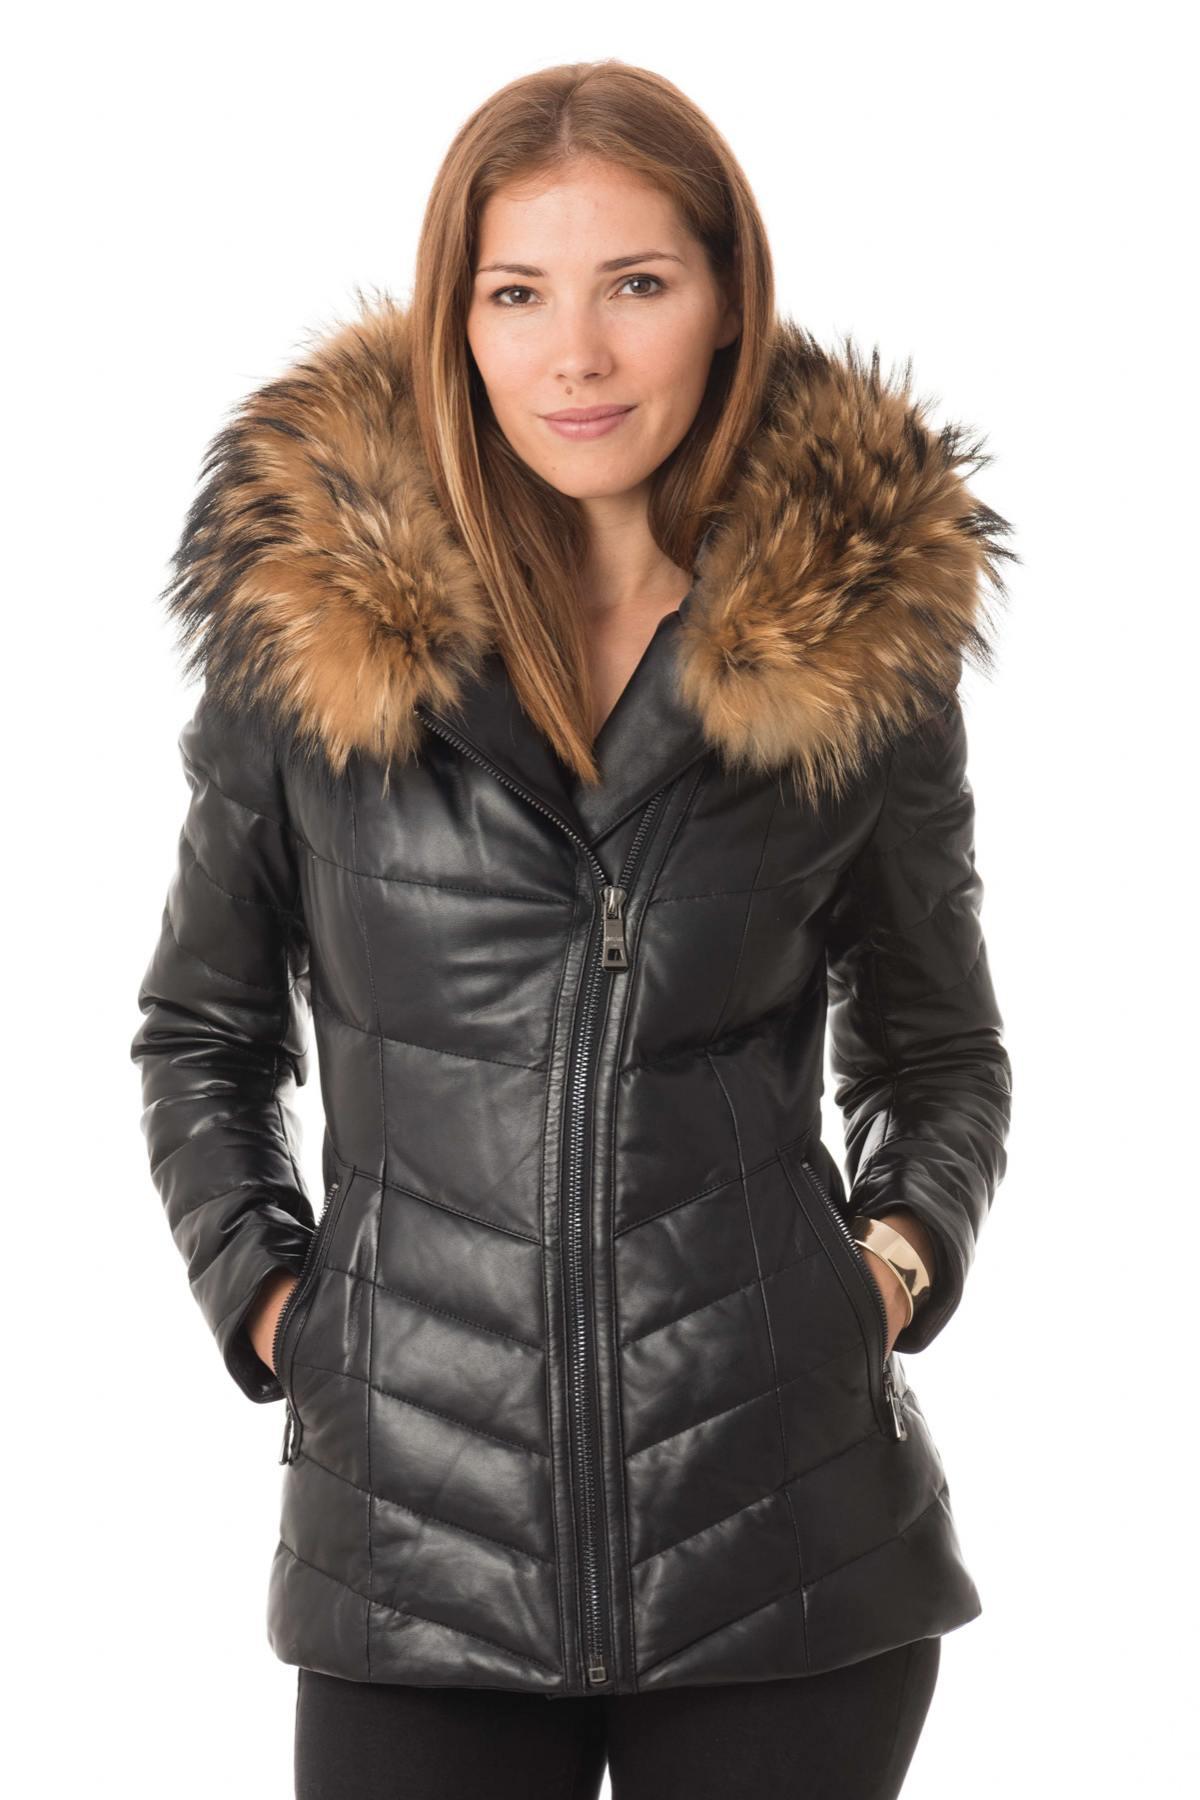 Doudounes en cuir Femme Doudoune cuir hiver Cuir City